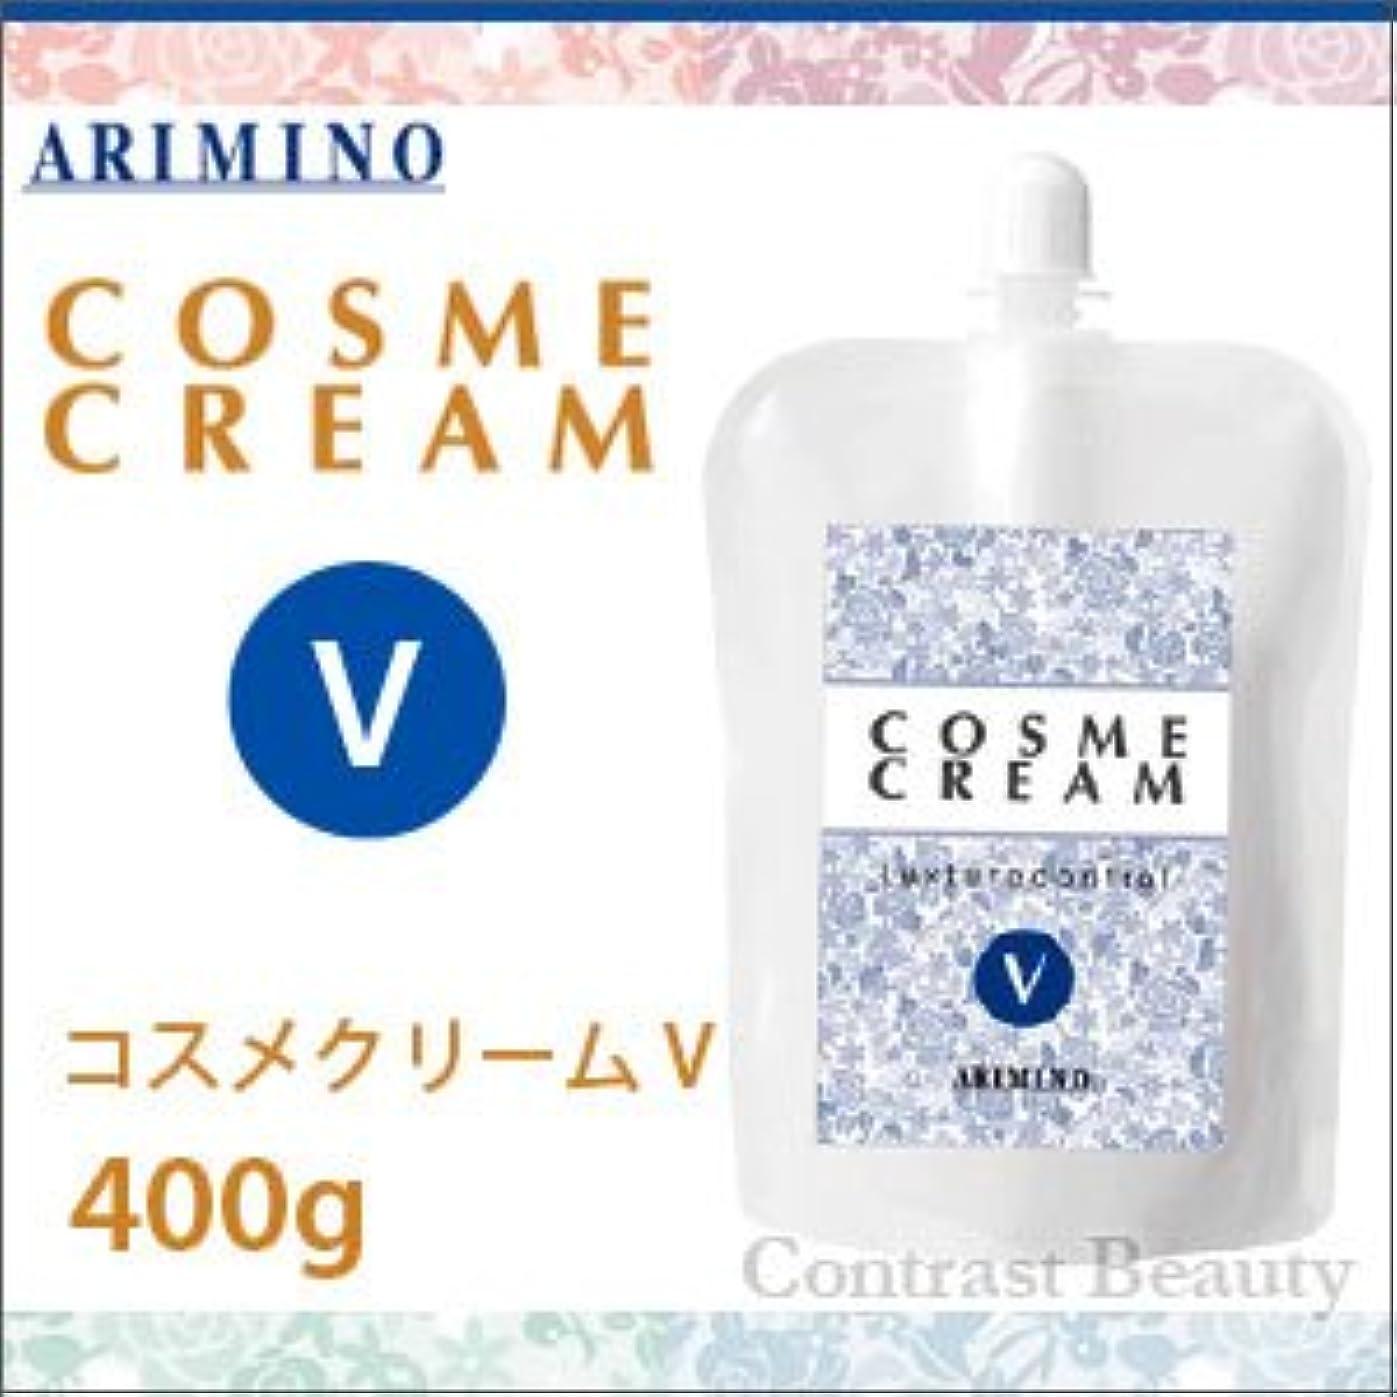 芝生満足させるちなみに【X5個セット】 アリミノ コスメクリーム V 400g